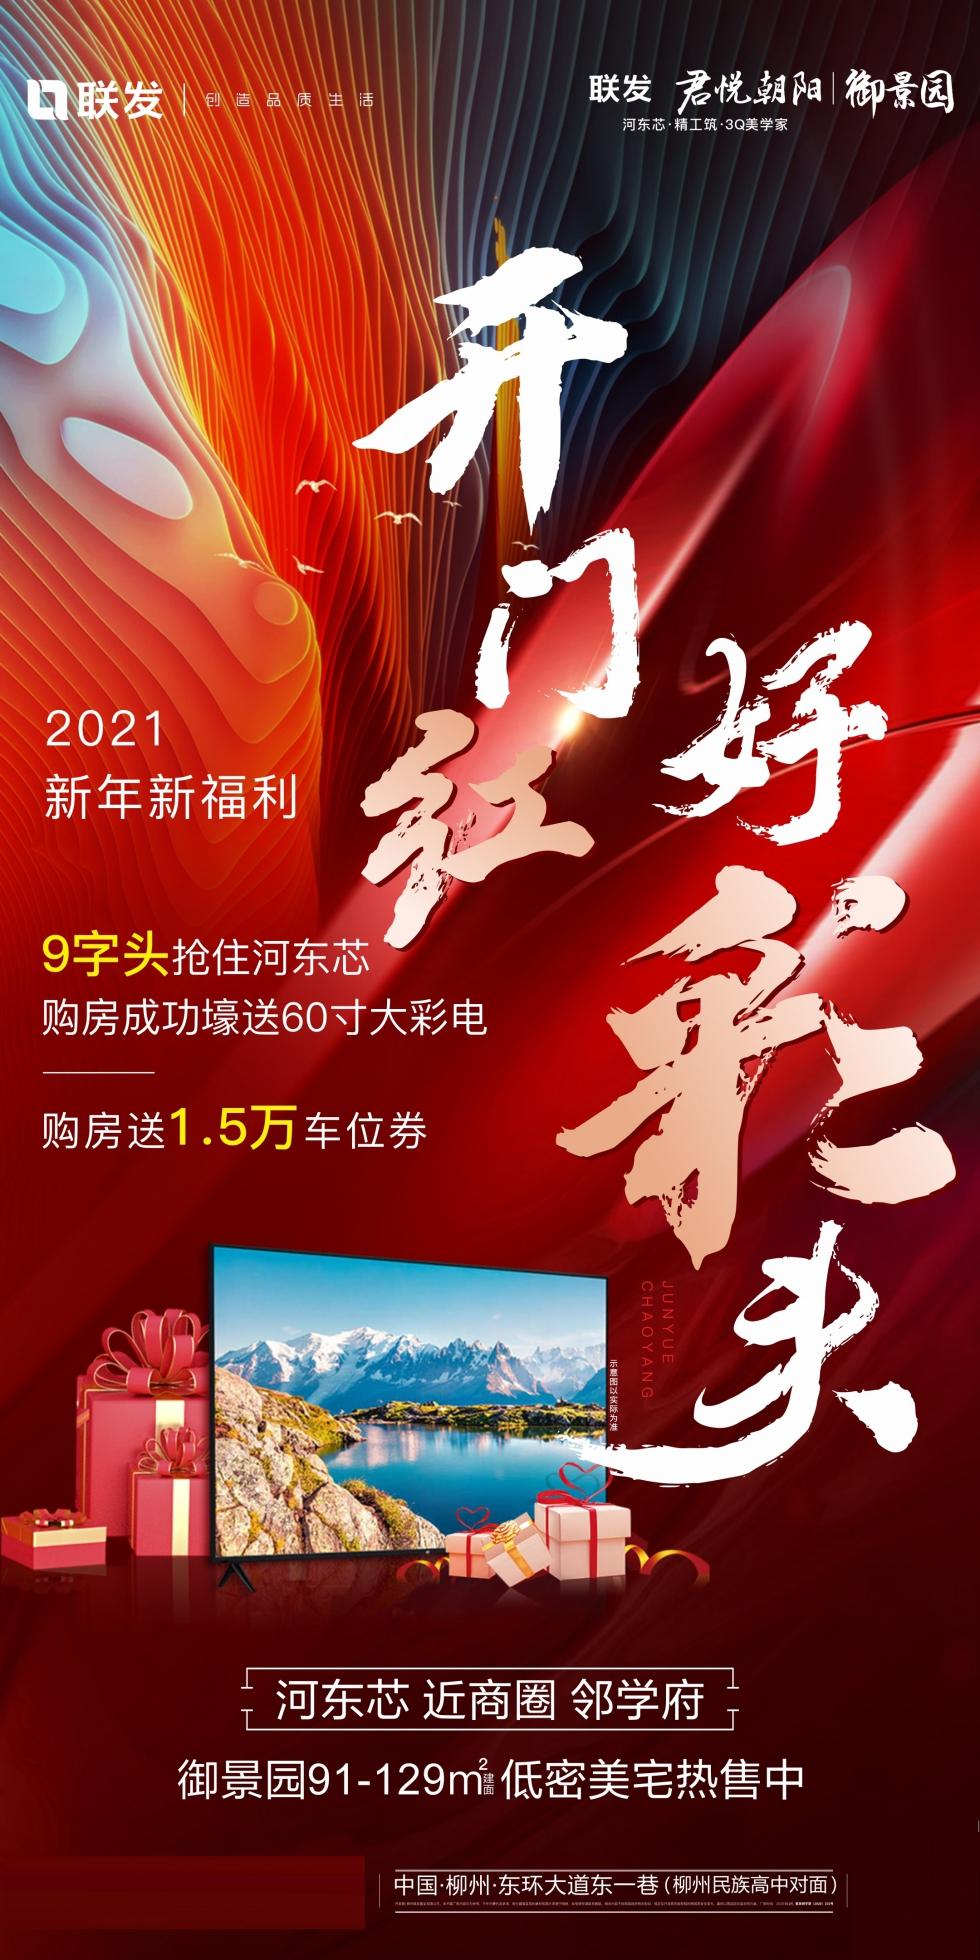 微信图片_20210106152007.jpg